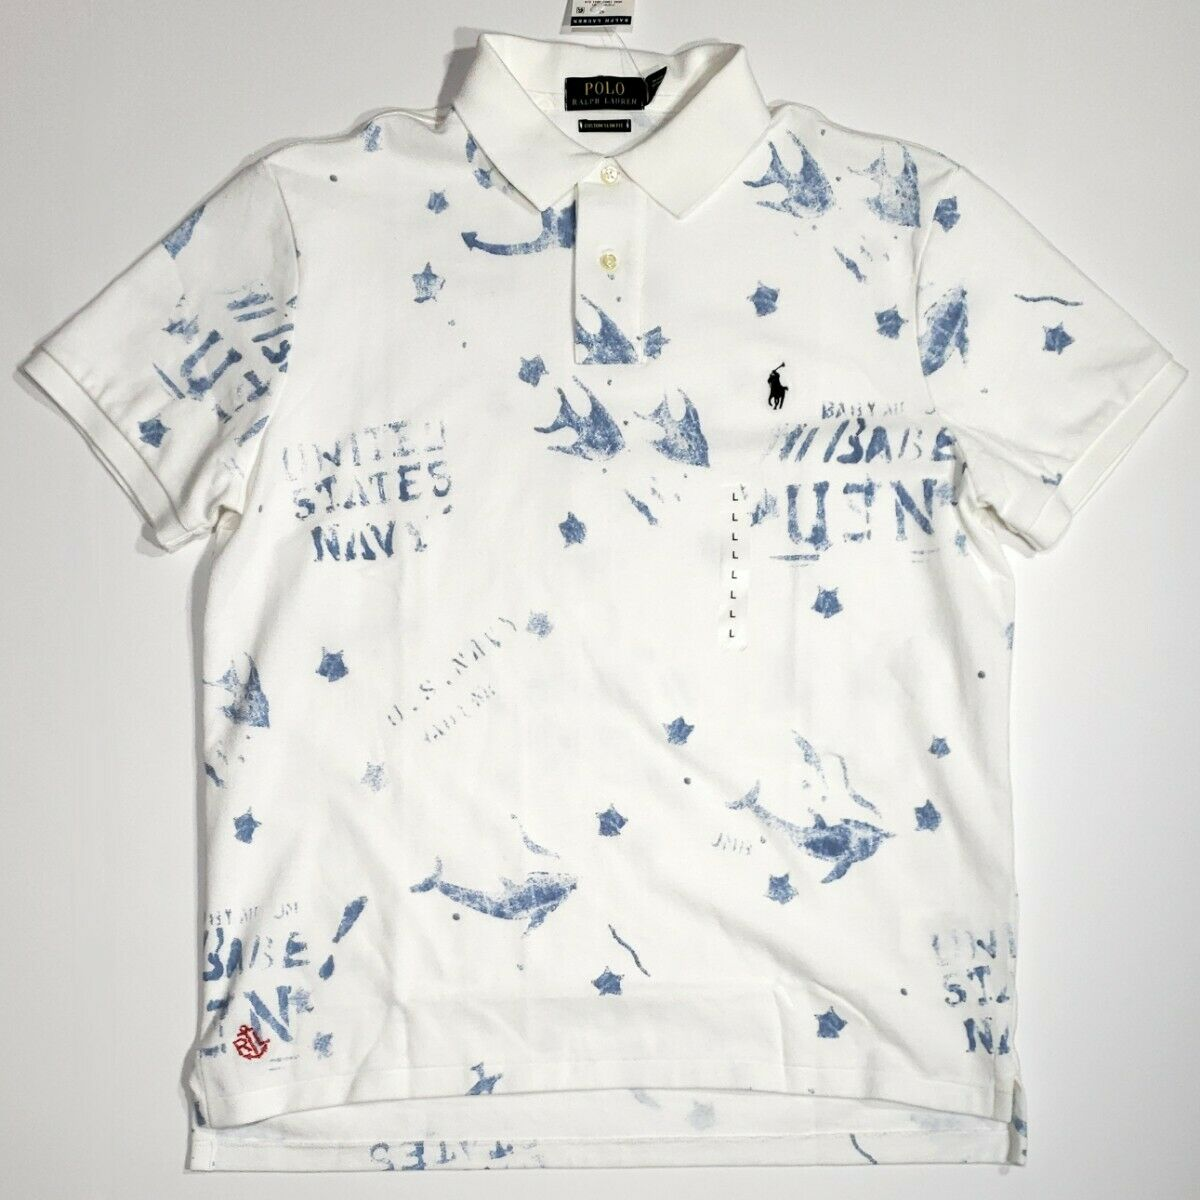 Polo Ralph Lauren White & bluee US Navy Watermark S S shirt  NWT